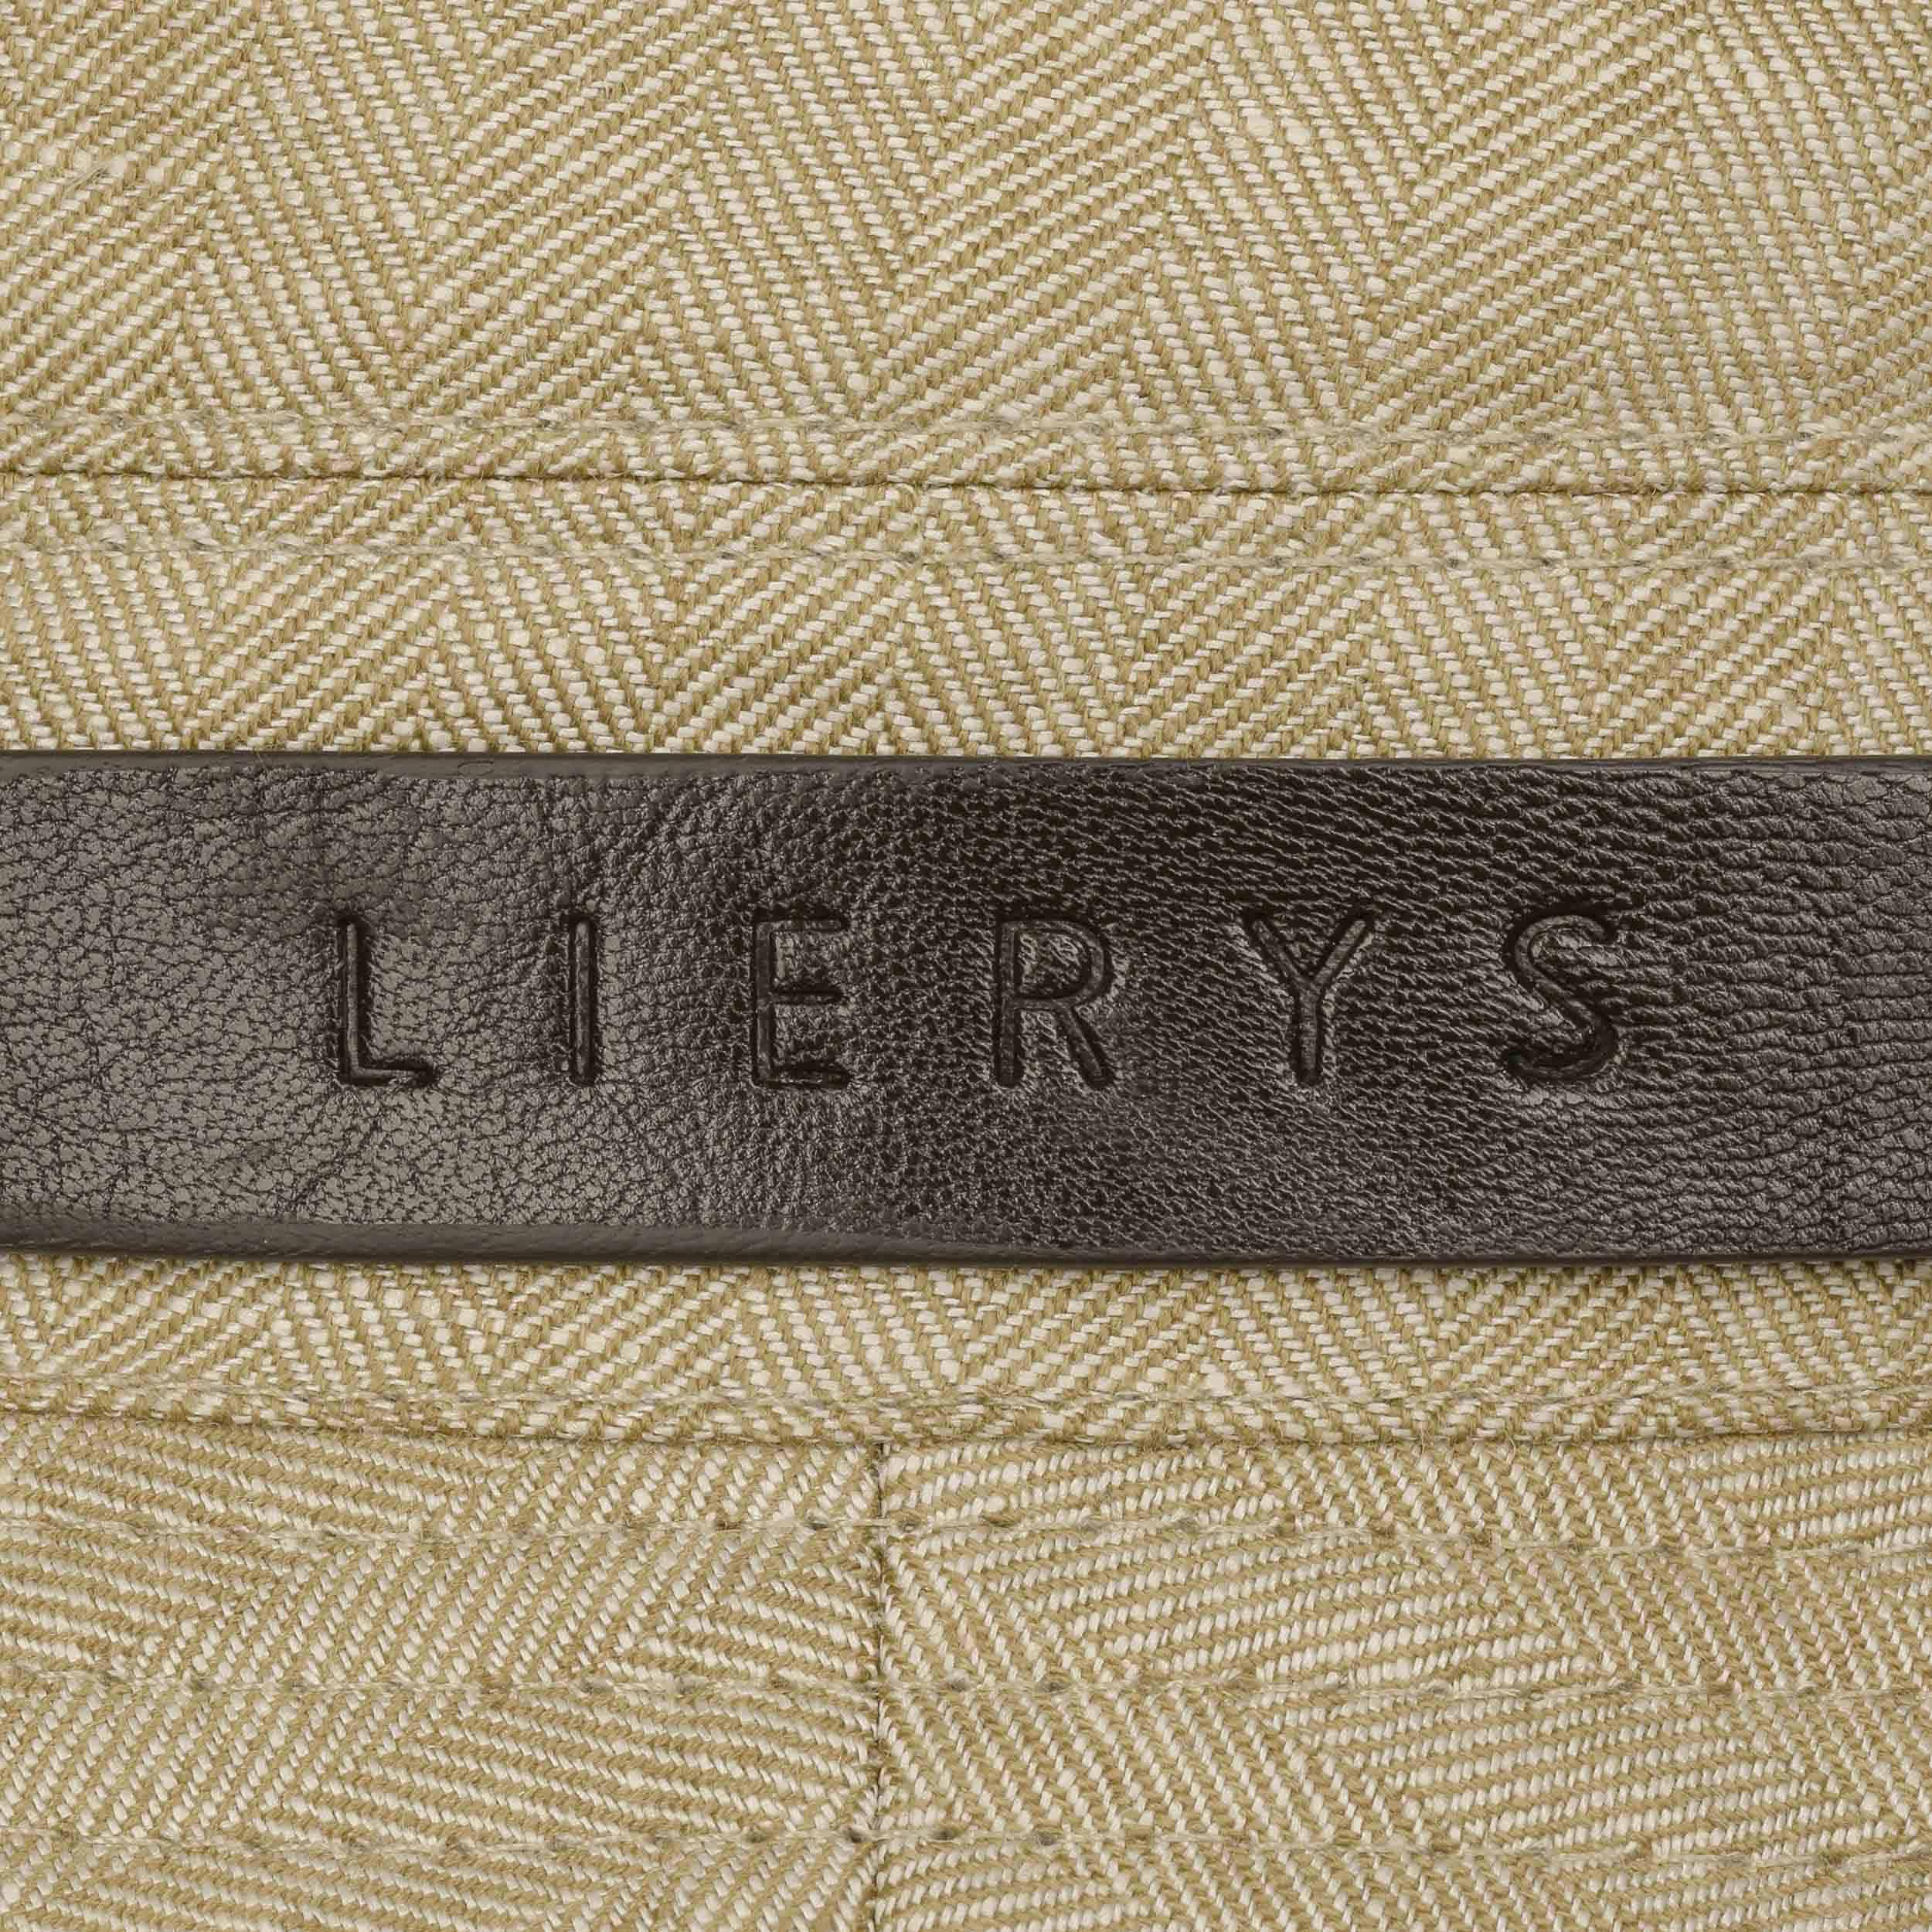 d0d888d2 ... Chapeau en Lin Premium Bucket by Lierys - beige 4 ...